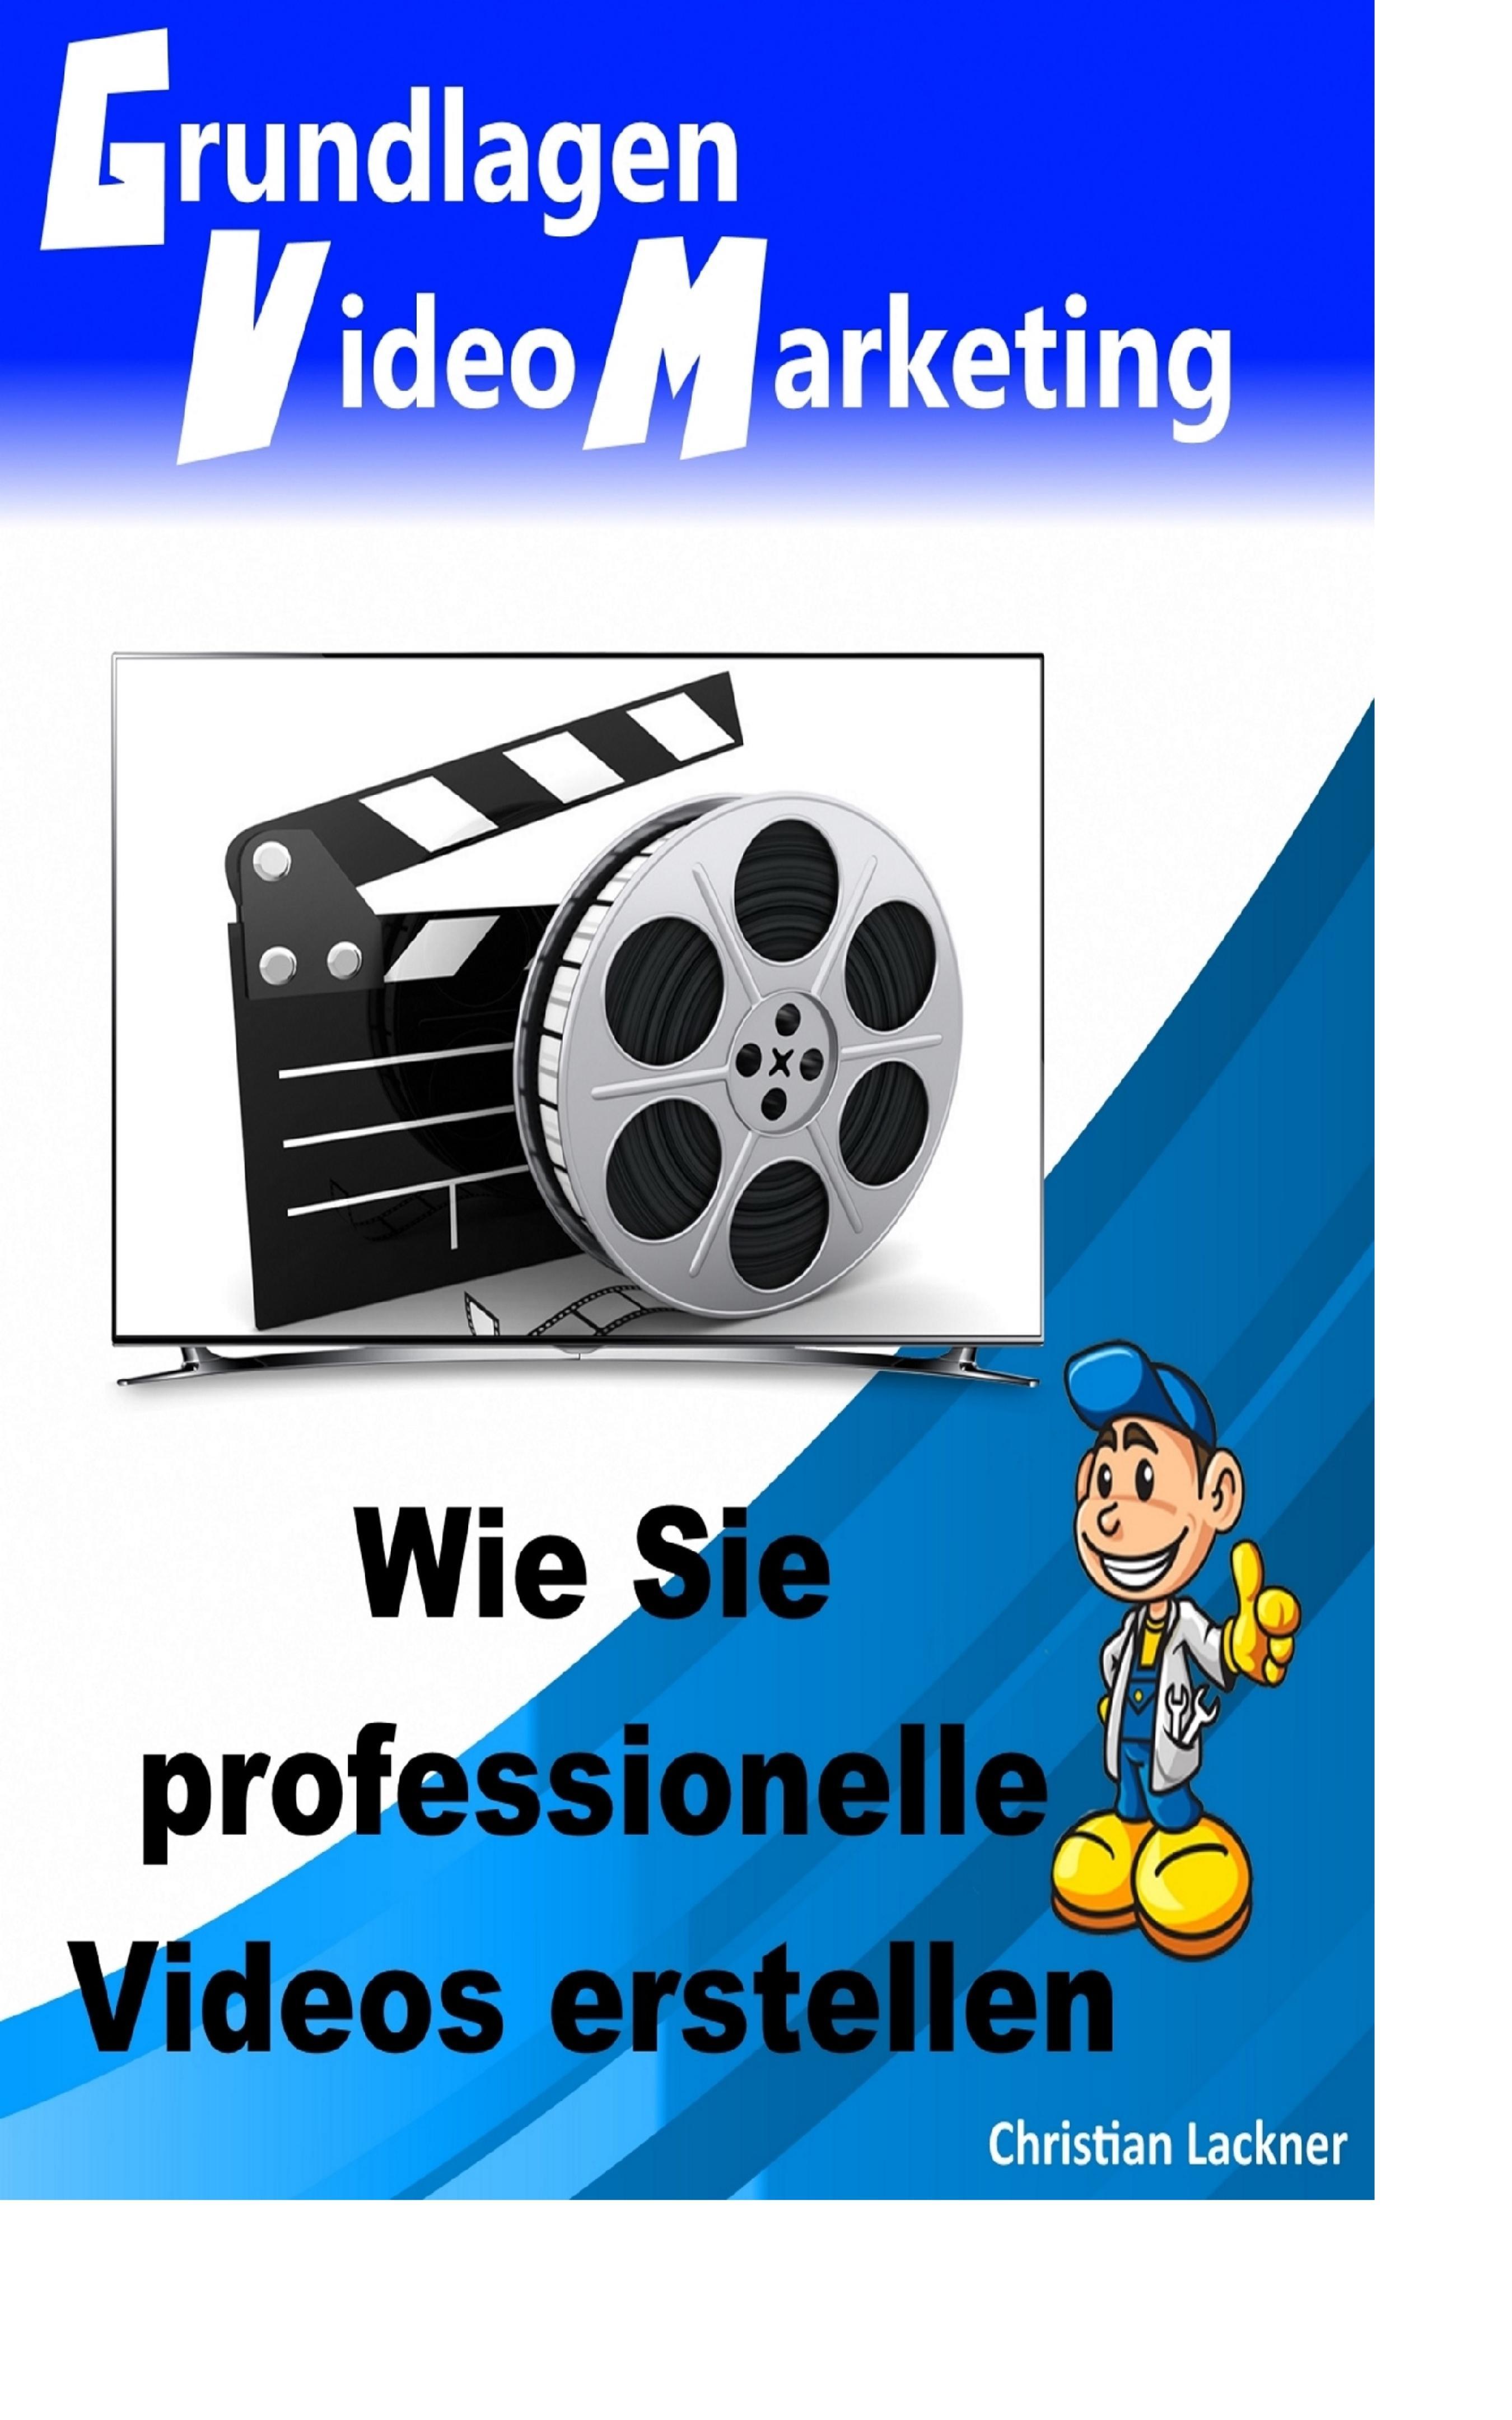 Christian Lackner Grundlagen Videomarketing walter koelle wasseranalysen richtig beurteilt grundlagen parameter wassertypen inhaltsstoffe page 8